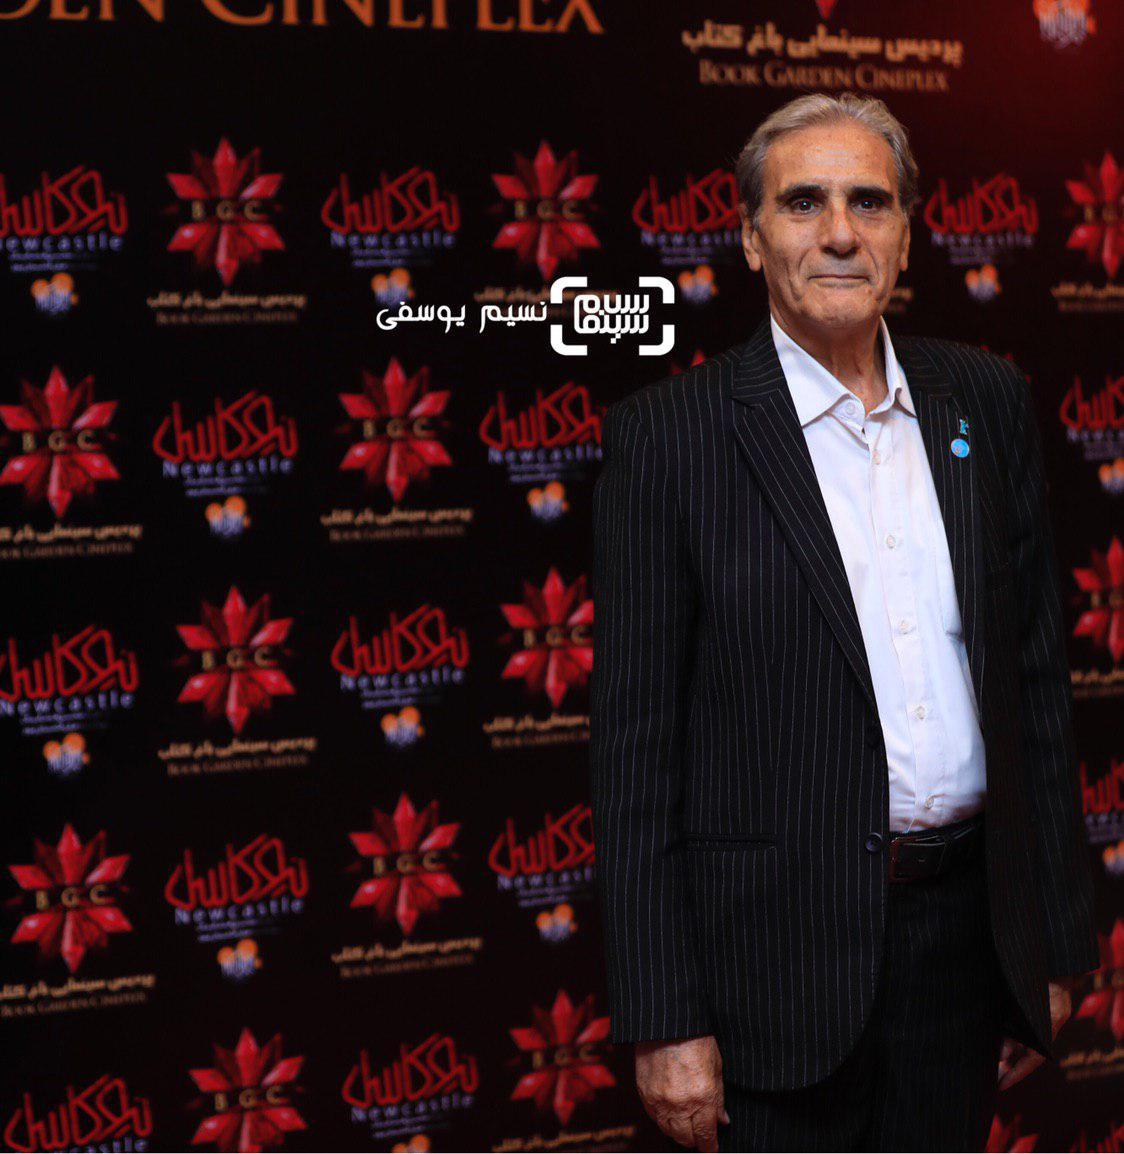 عکس رضا ناجی در اکران خصوصی فیلم «نیوکاسل»